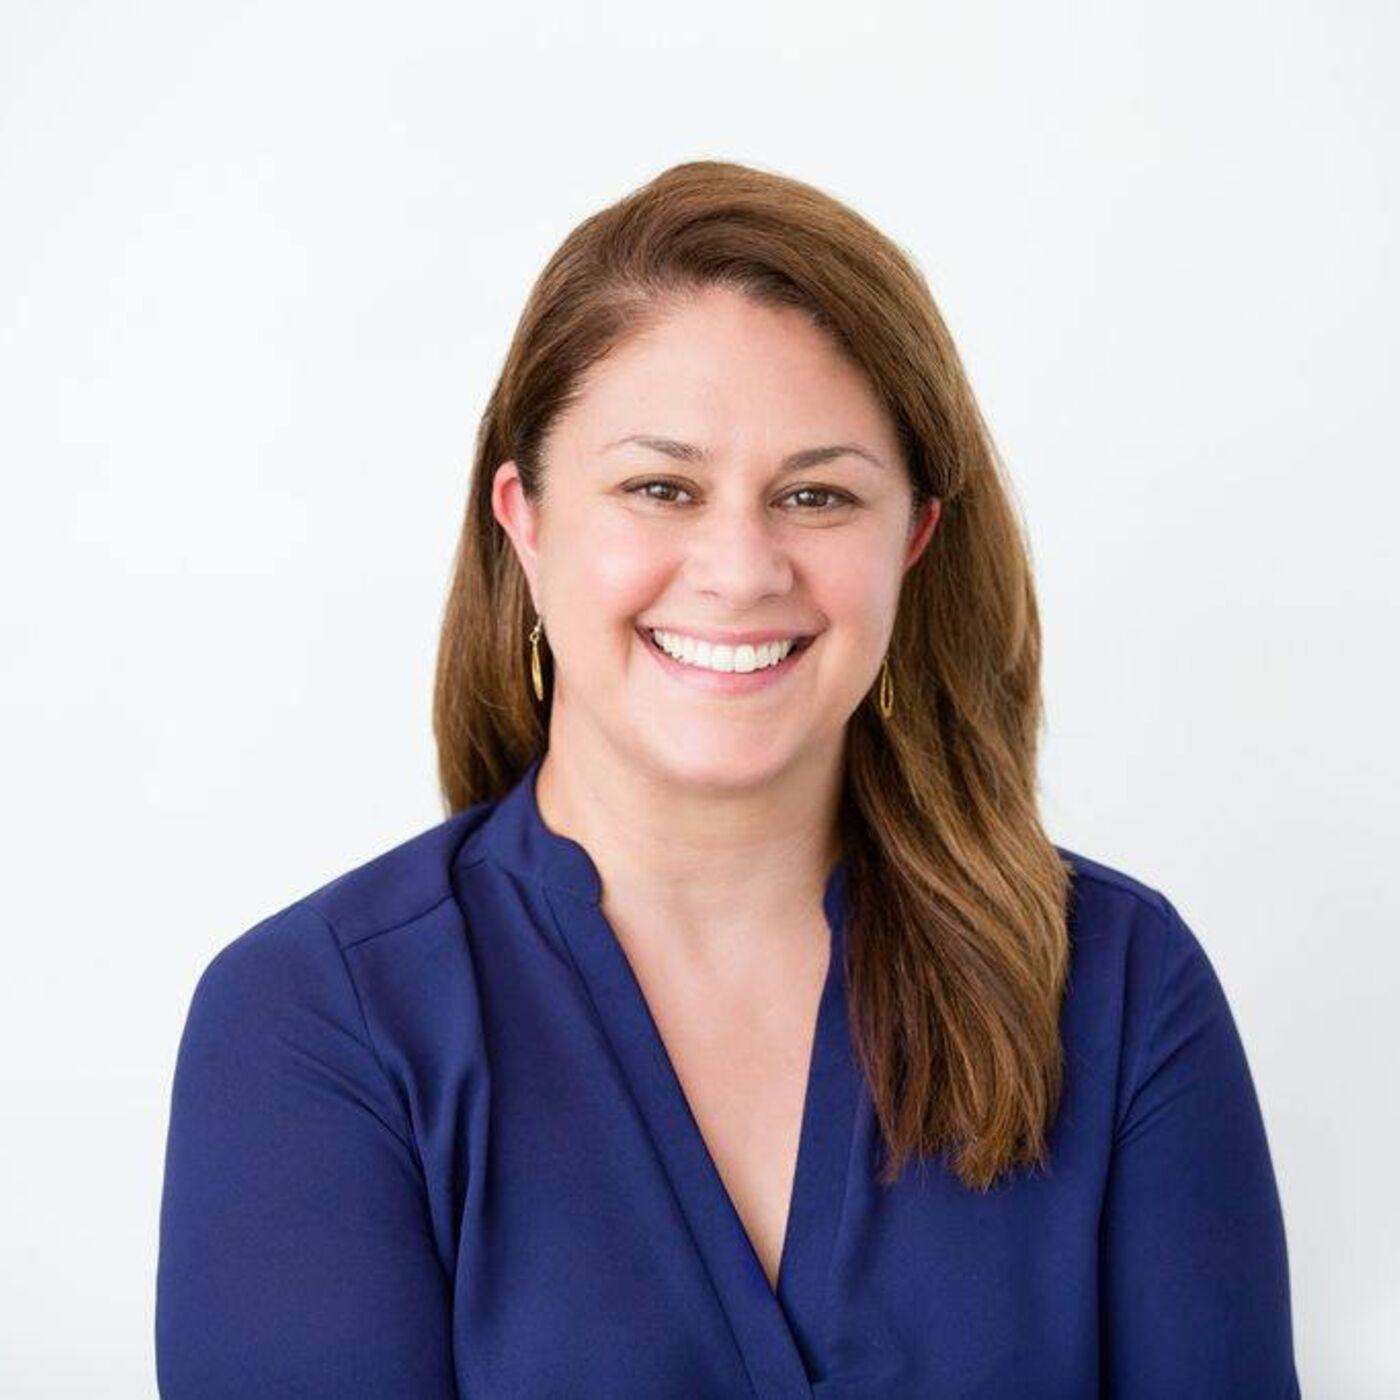 Ep 29 - Ohio House Candidate, Monique Smith